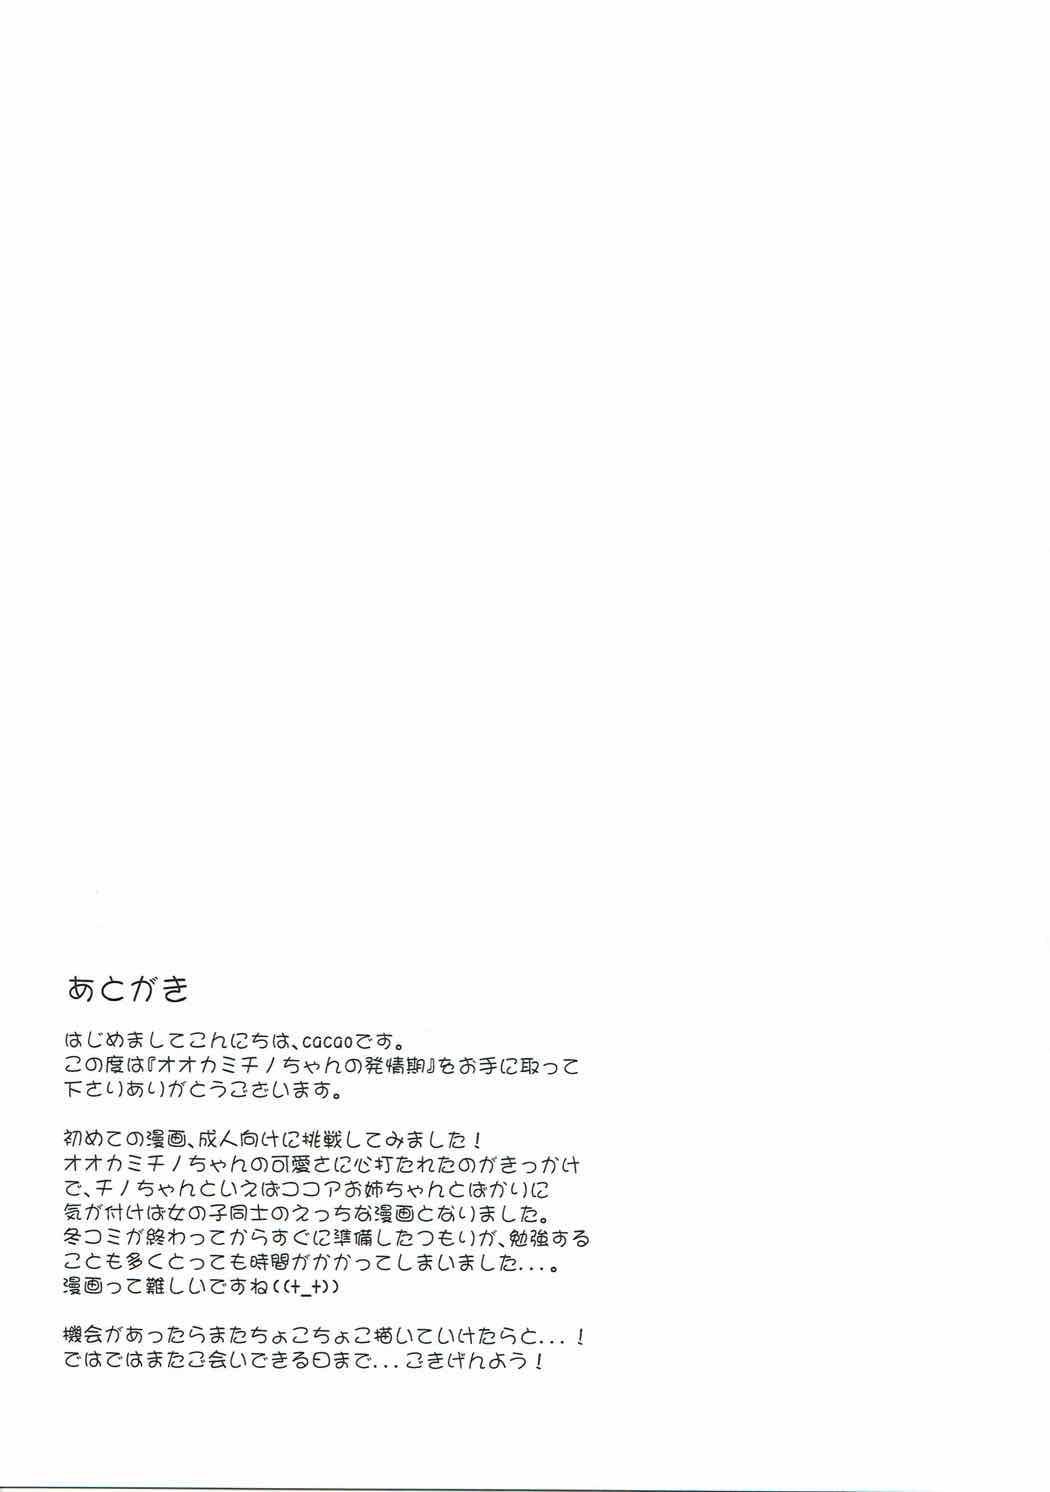 Ookami Chino-chan no Hatsujouki 23